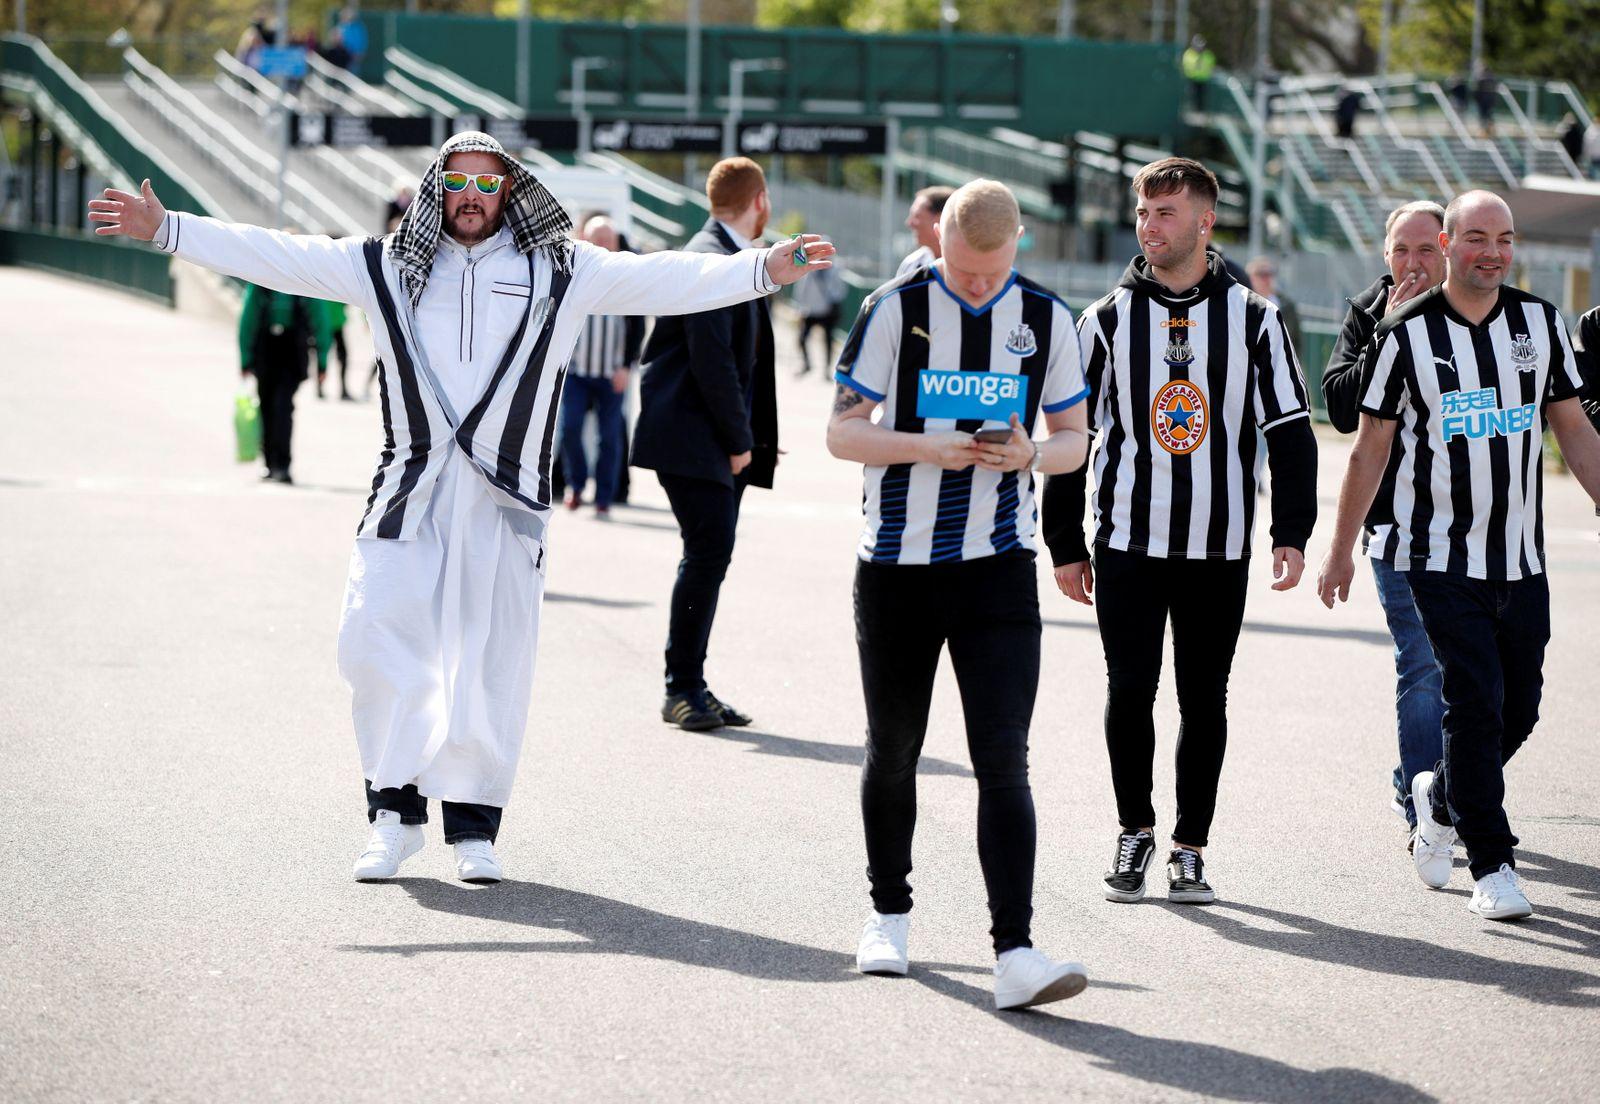 Premier League - Brighton & Hove Albion v Newcastle United